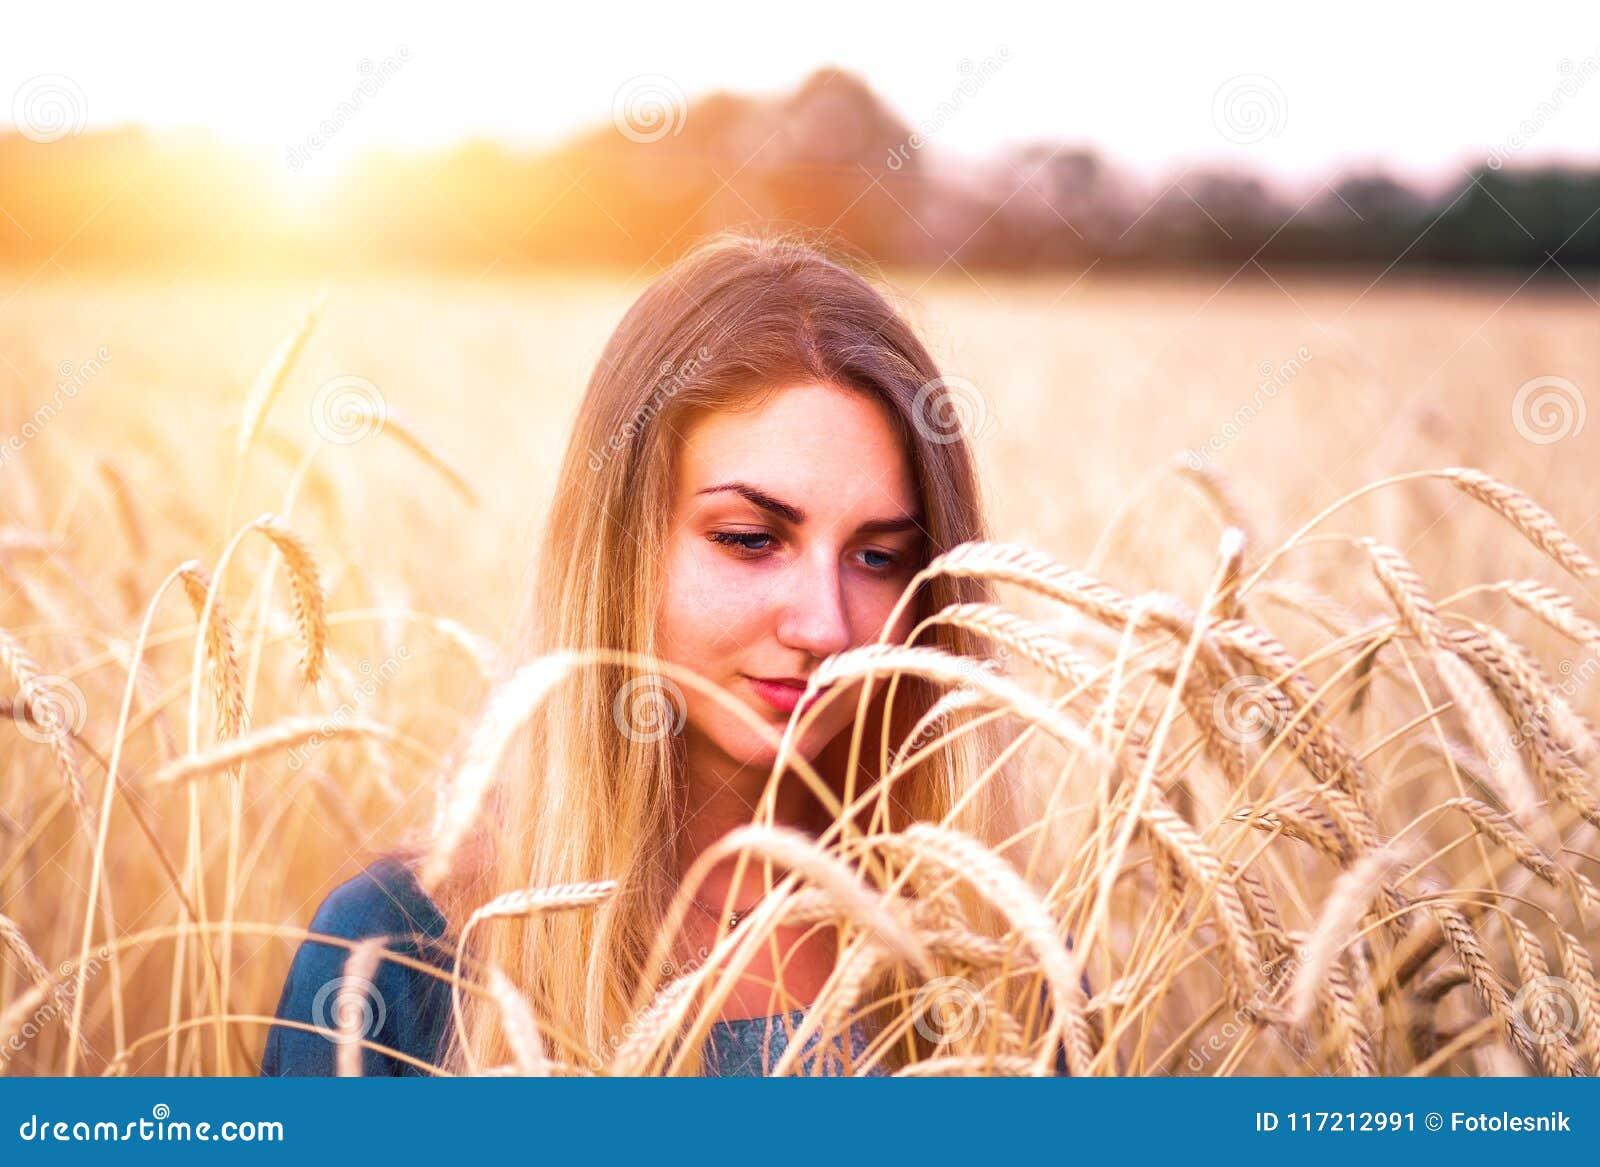 chica joven busca maduro